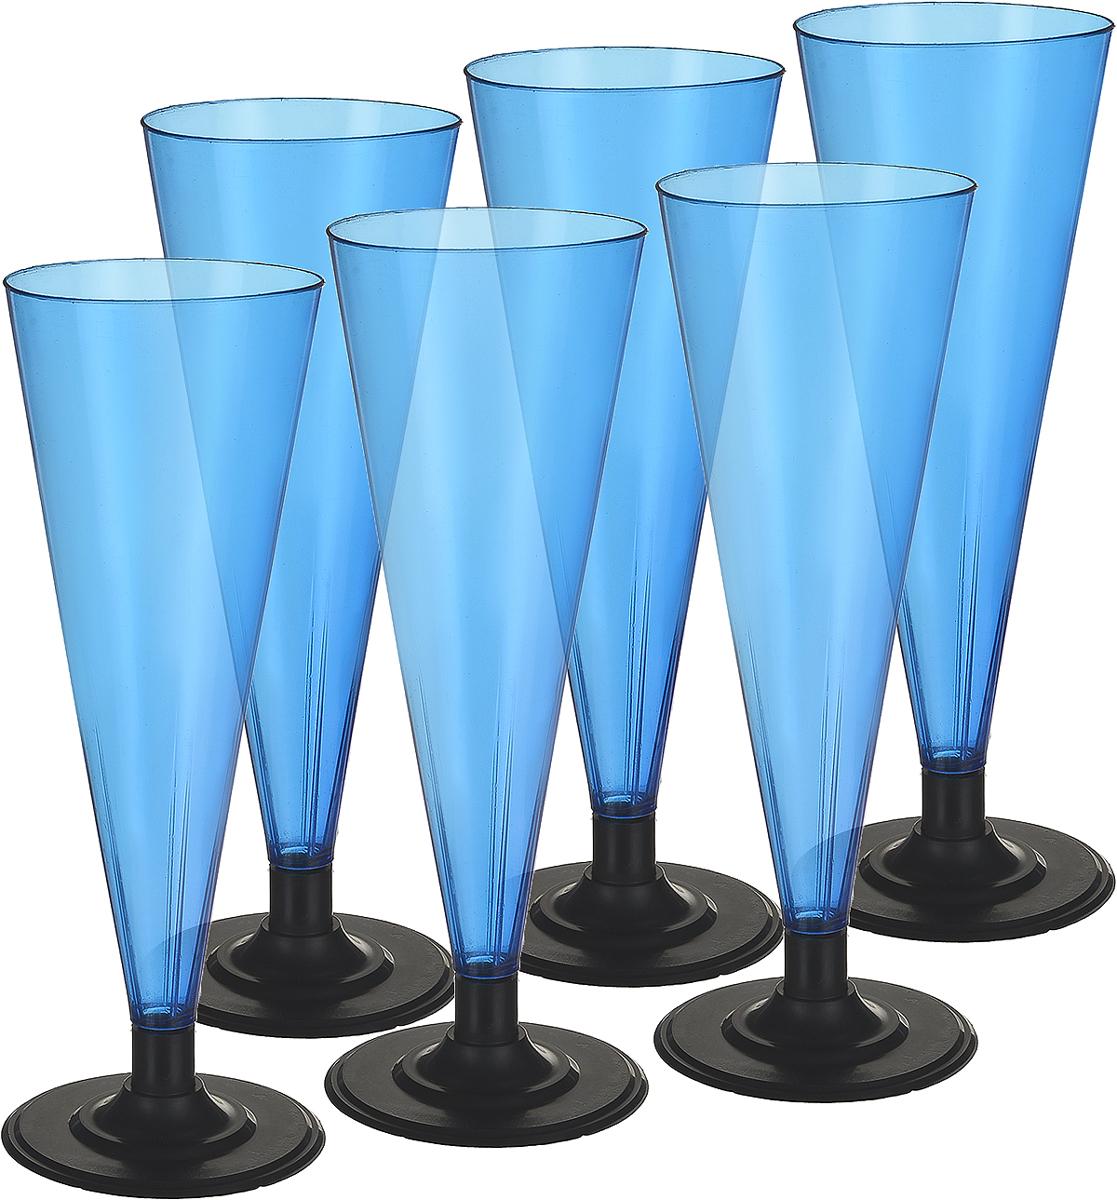 Фужер Мистерия, цвет: синий, черный, 180 мл, 6 шт182151Фужер Мистерия выполнен из полистирола. Рекомендуется для использования на вечеринках, корпоративных мероприятиях и свадебных прогулках. Имеют малый вес, не разбиваются и удобны при транспортировке.